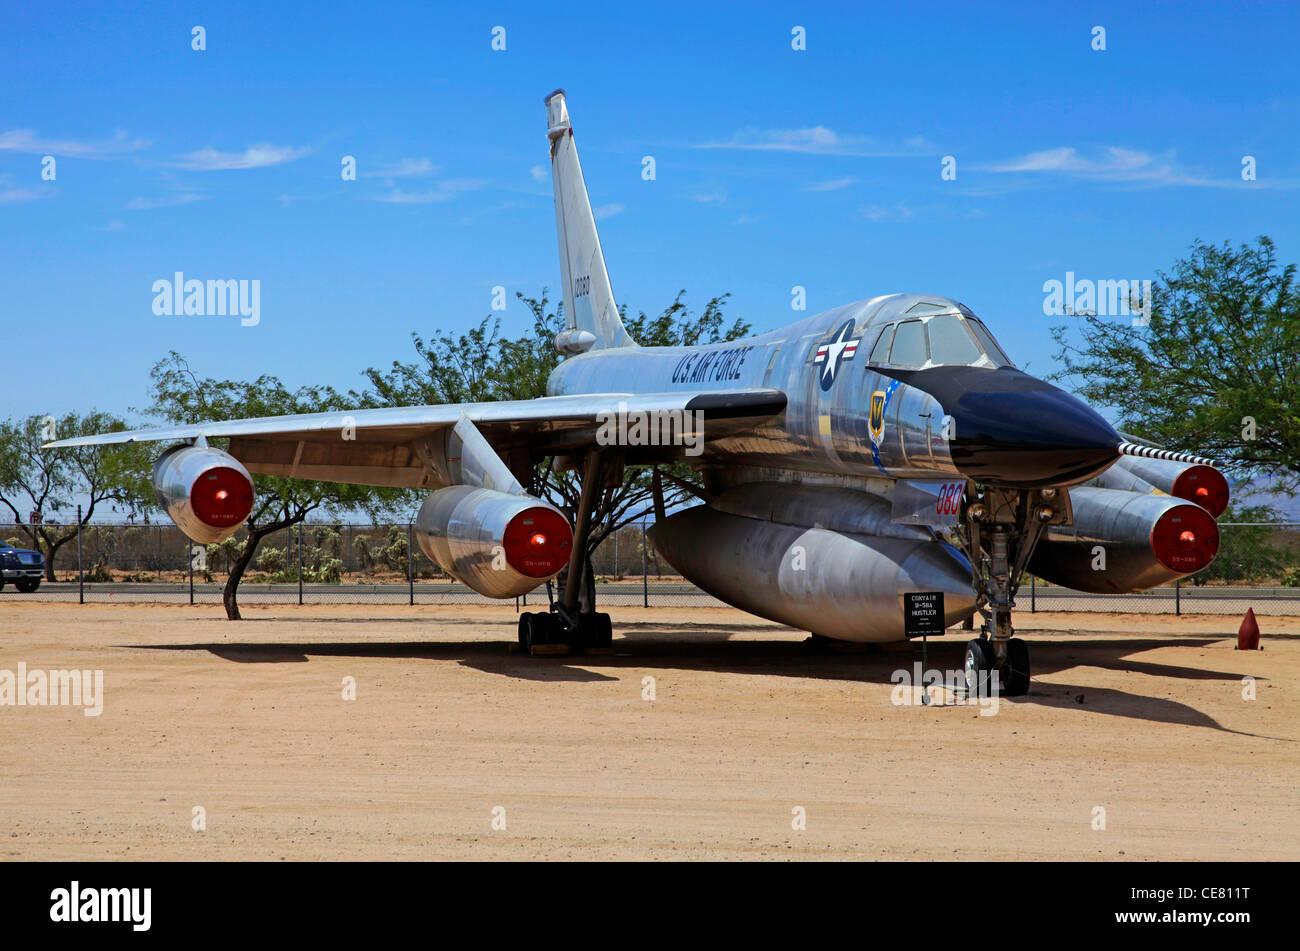 Girl, B 58 hustler air force bomber